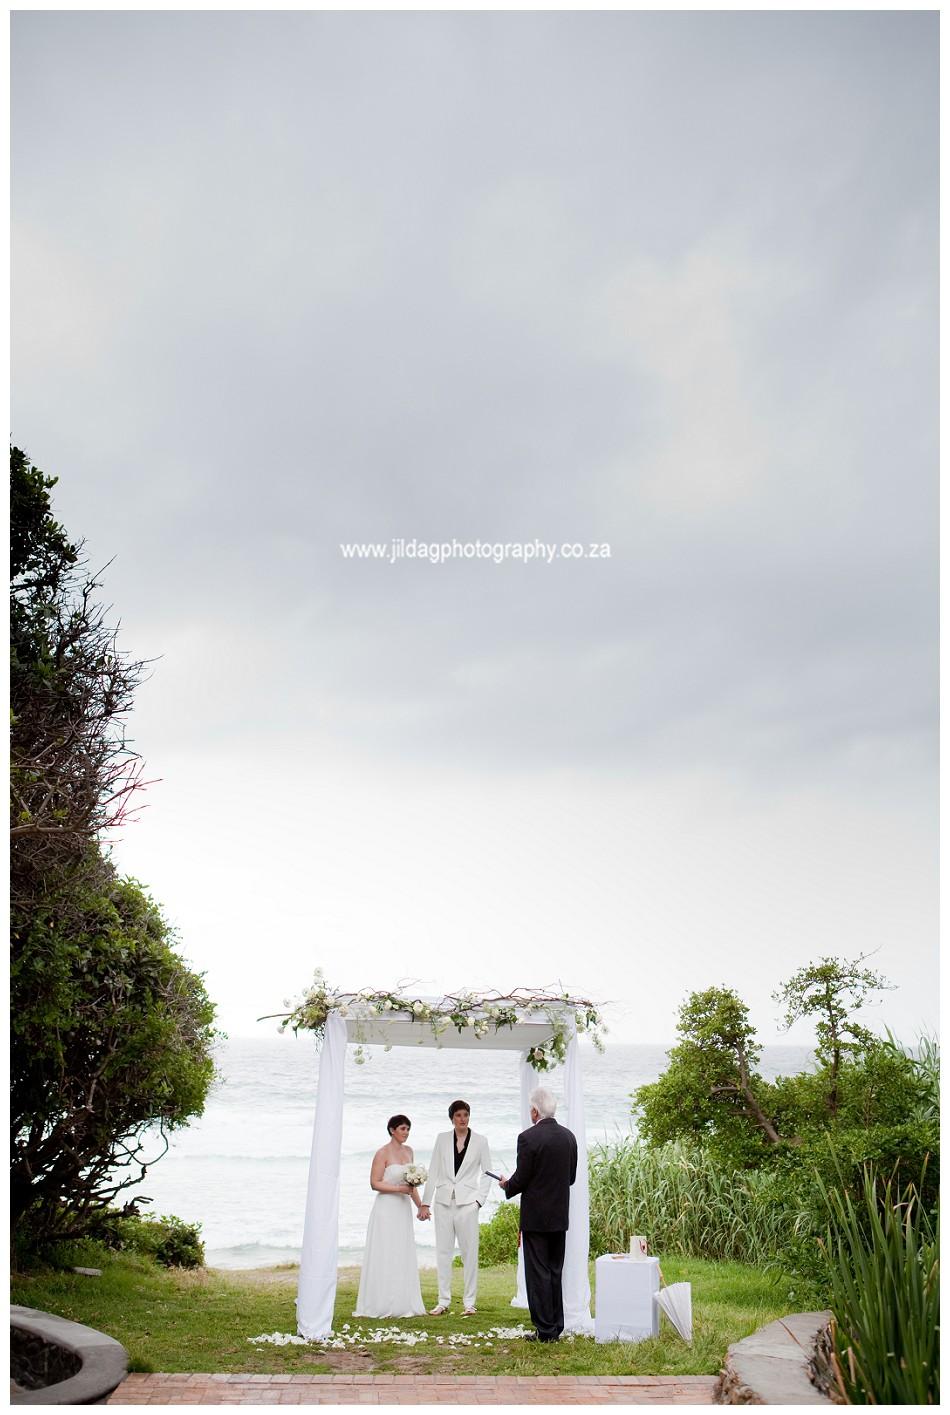 Gay wedding - Jilda G Photography - Cape Town wedding (8)